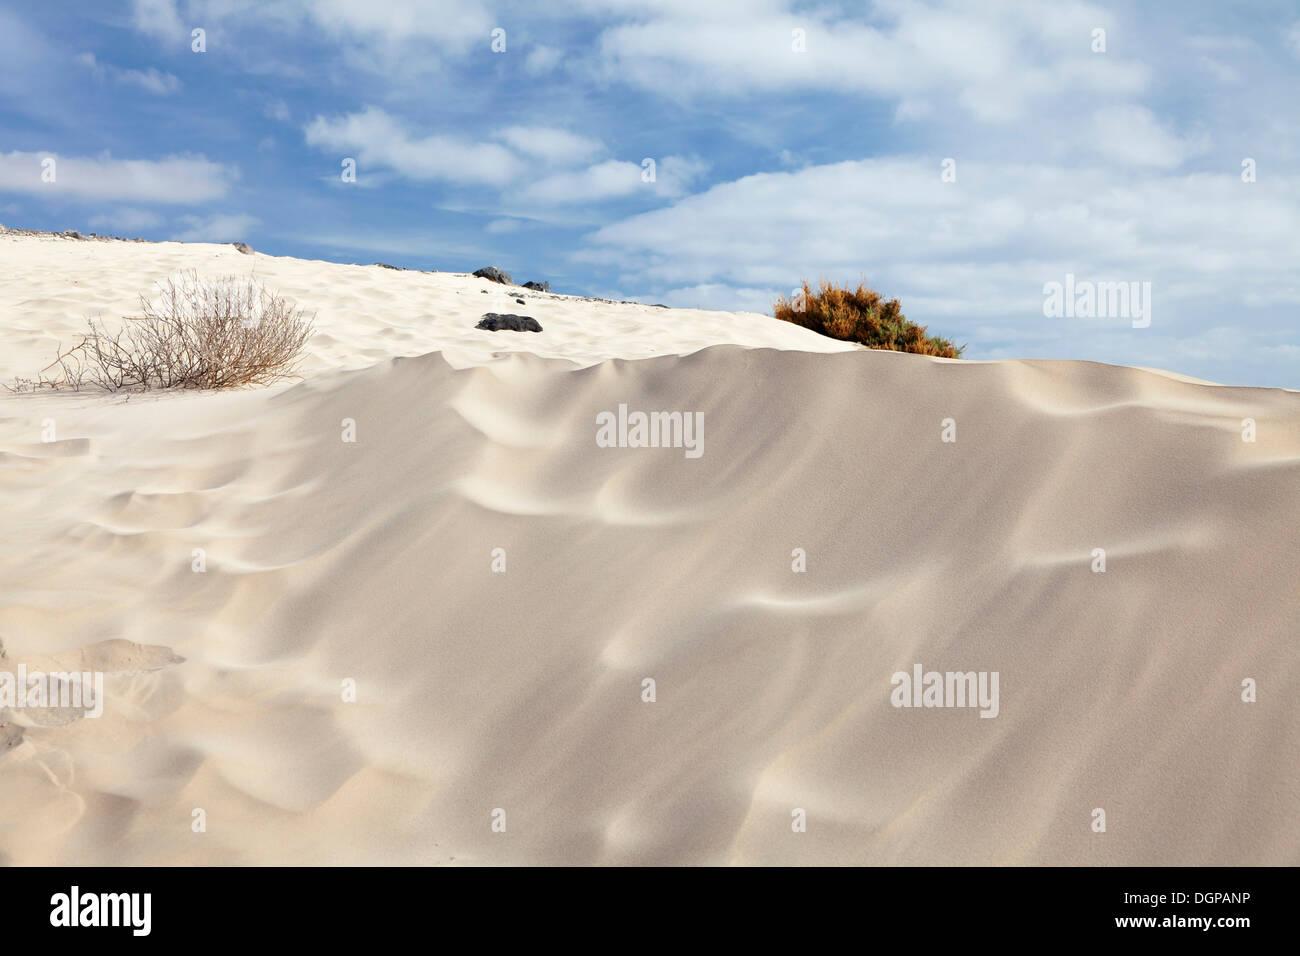 Dunes de sable, paysage de dunes, Risco del Paso, Fuerteventura, Îles Canaries, Espagne Photo Stock